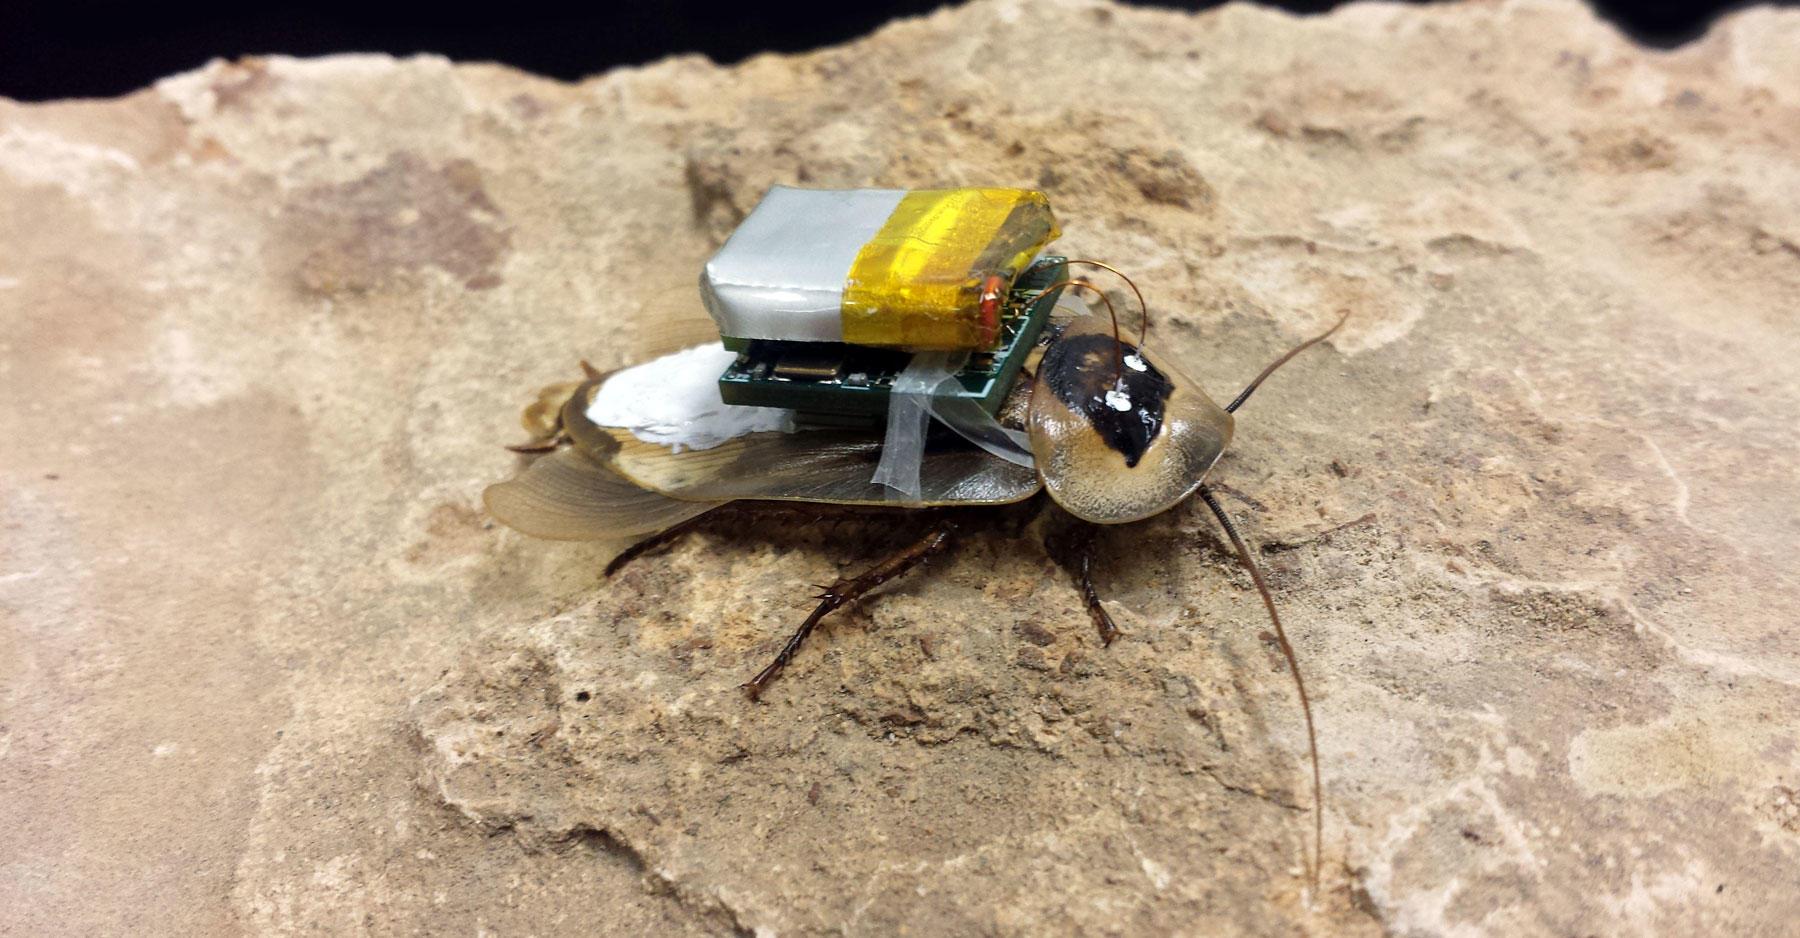 Remote-control cockroach